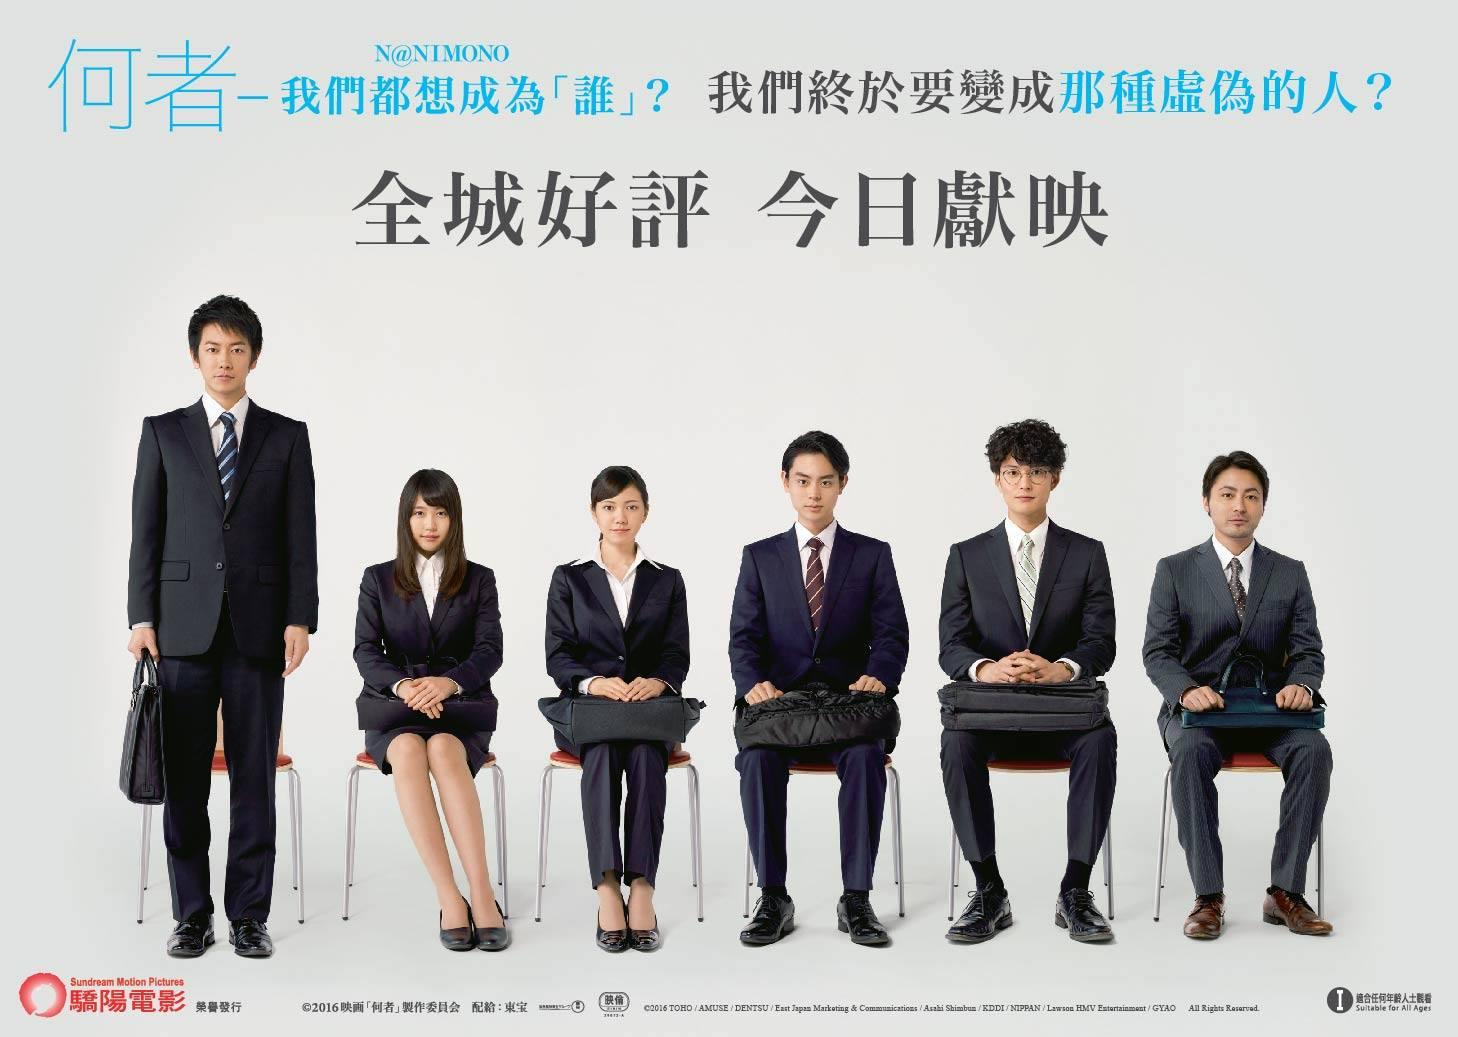 電影「何者」海報